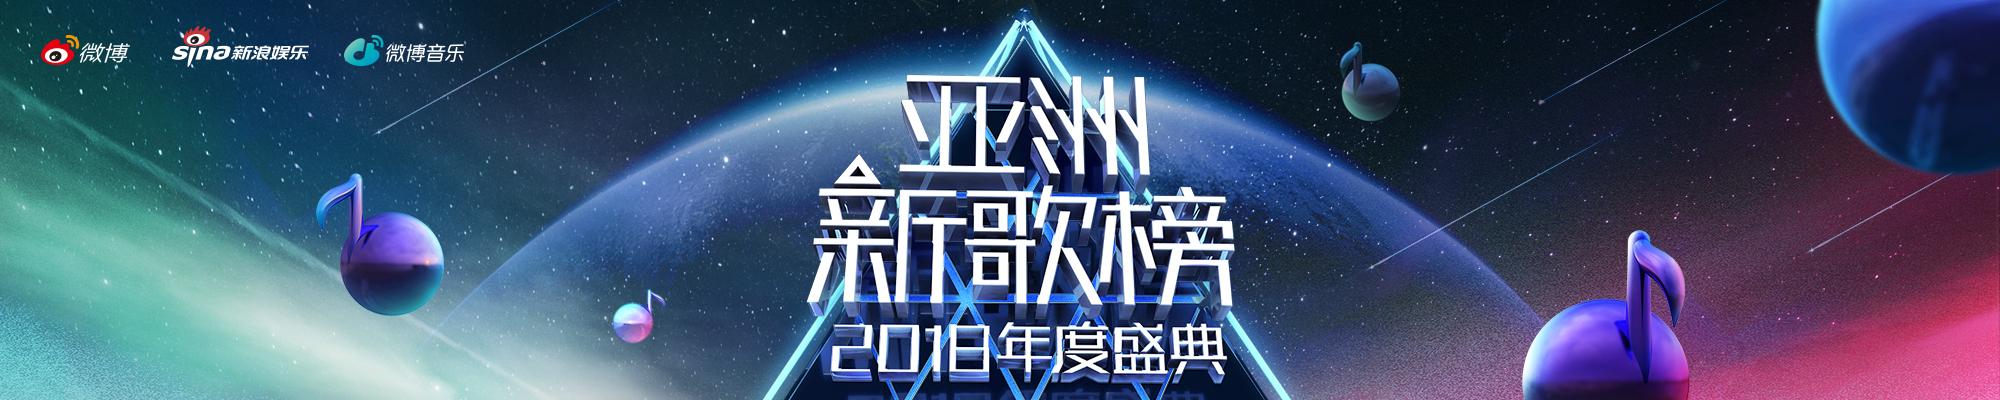 亚洲新歌榜2018年度盛典